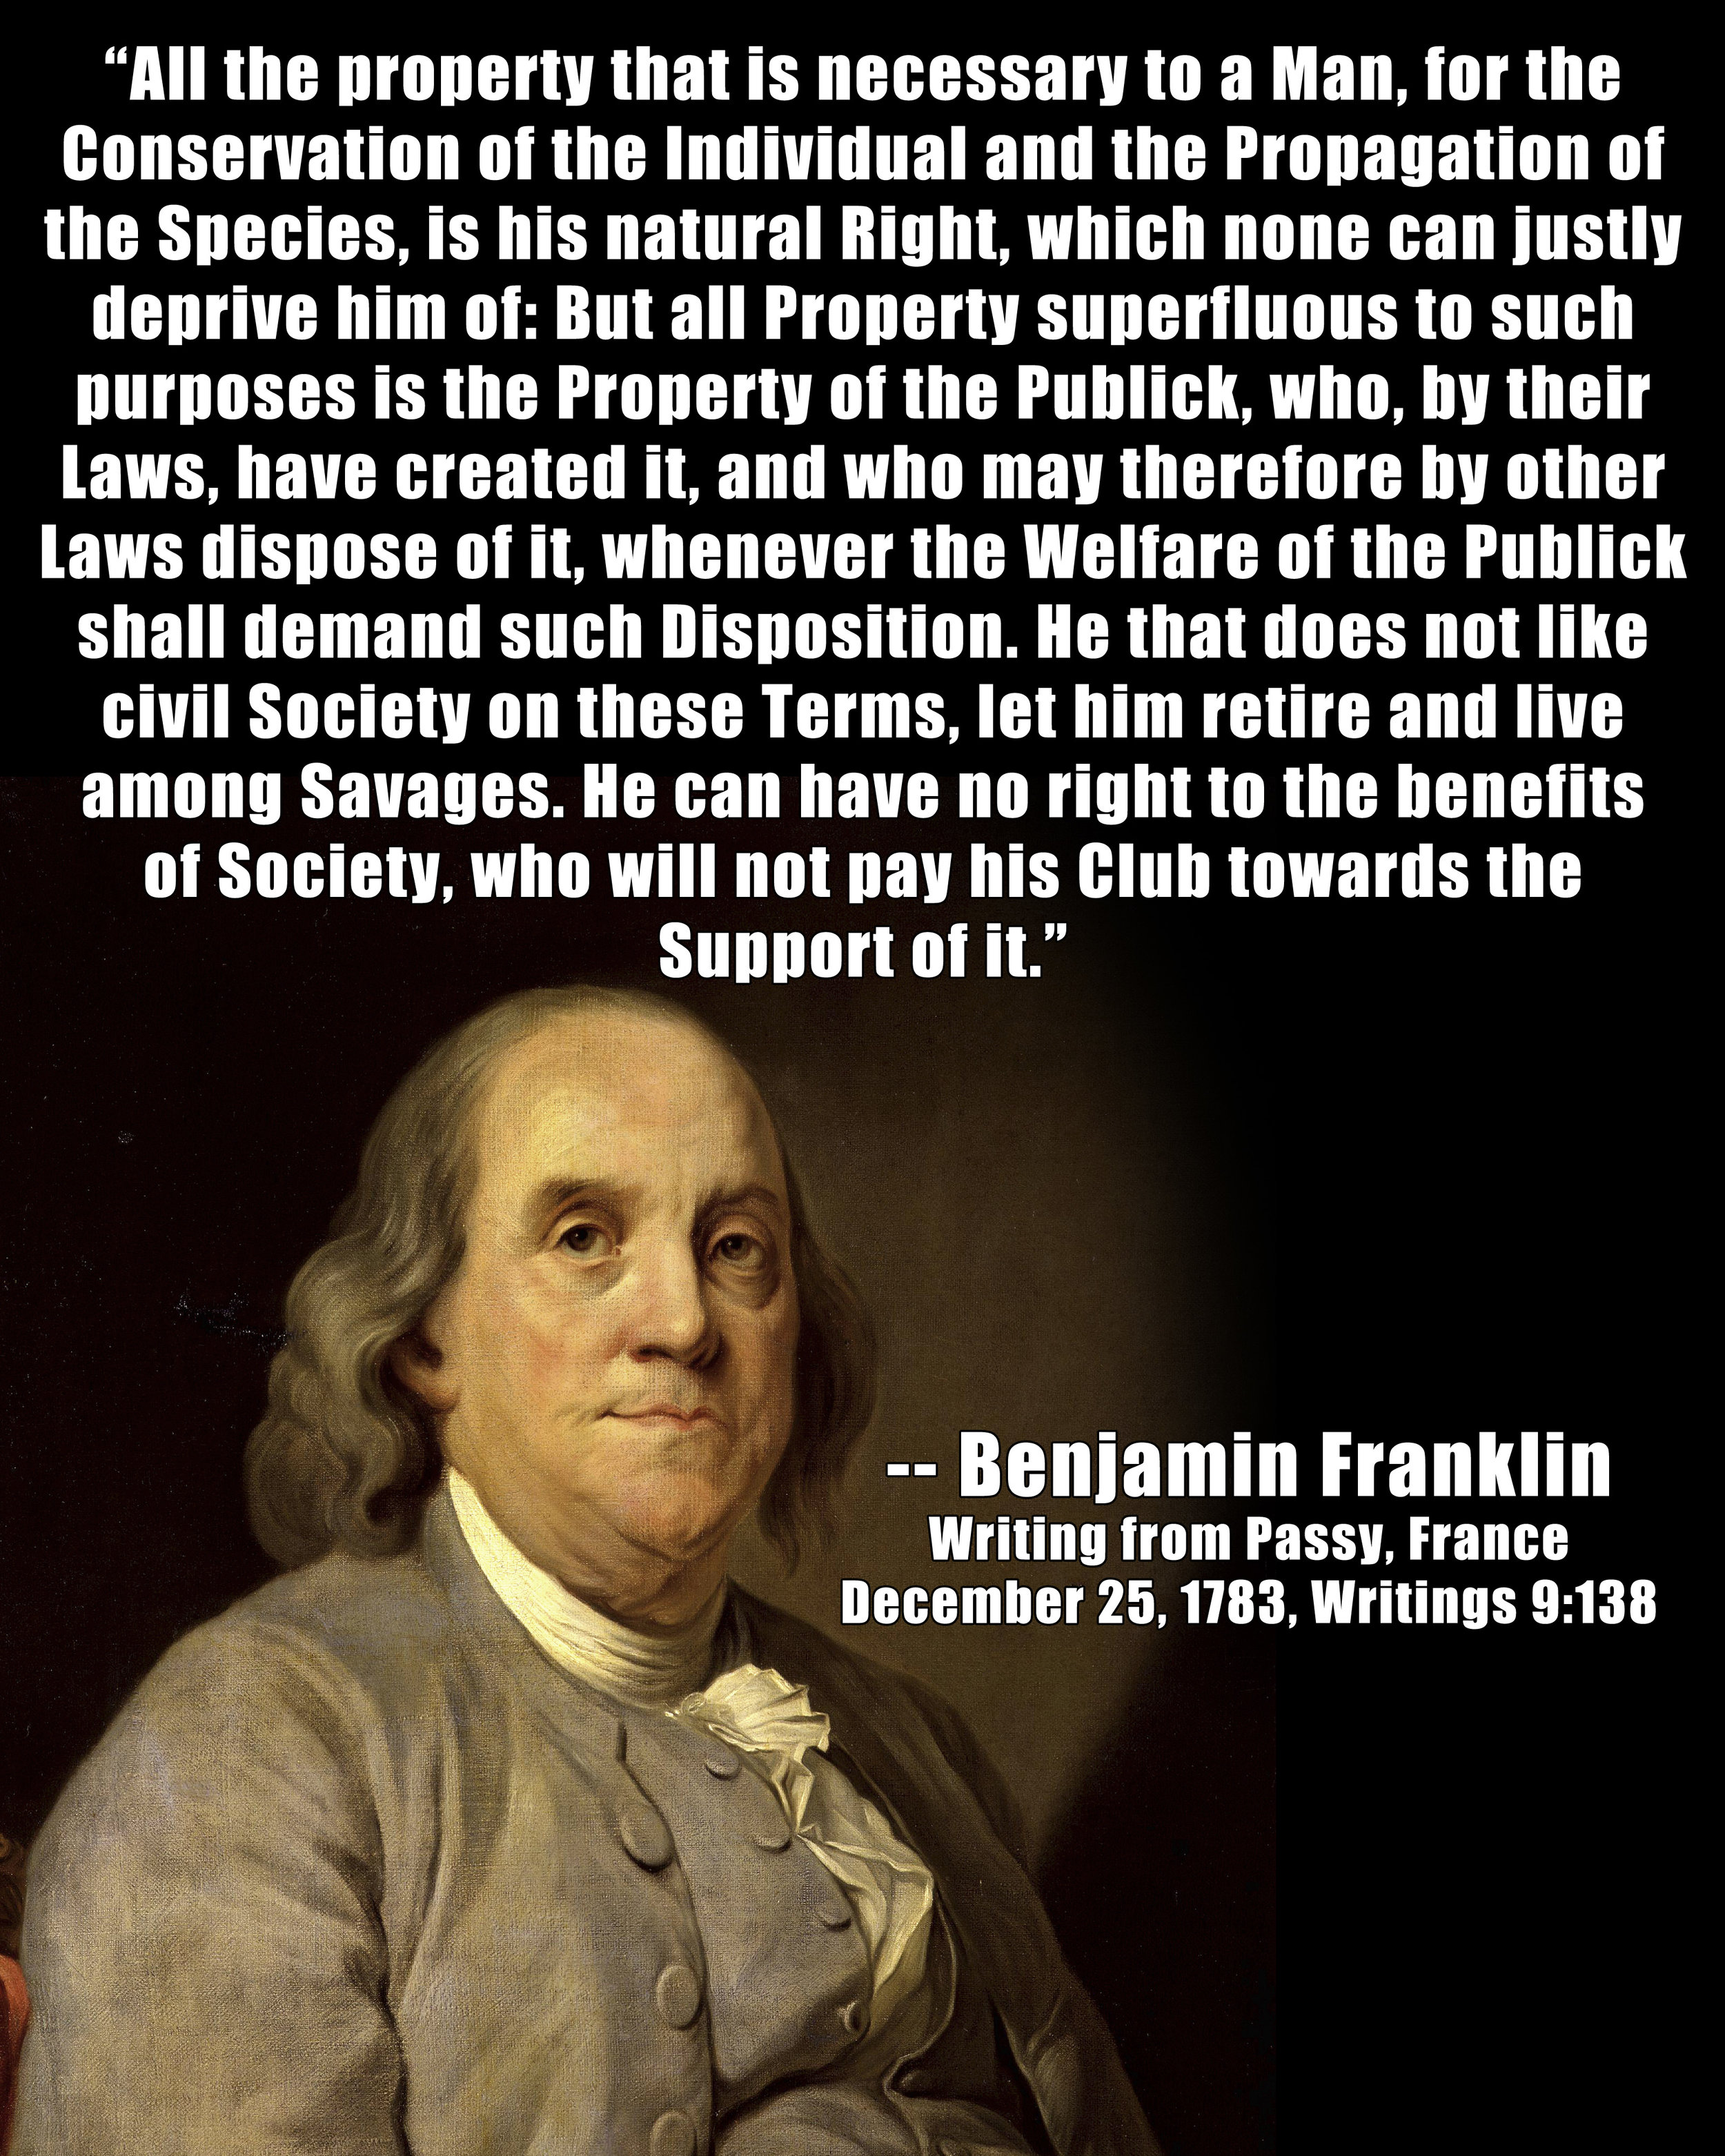 FranklinPropertyQuote.jpg